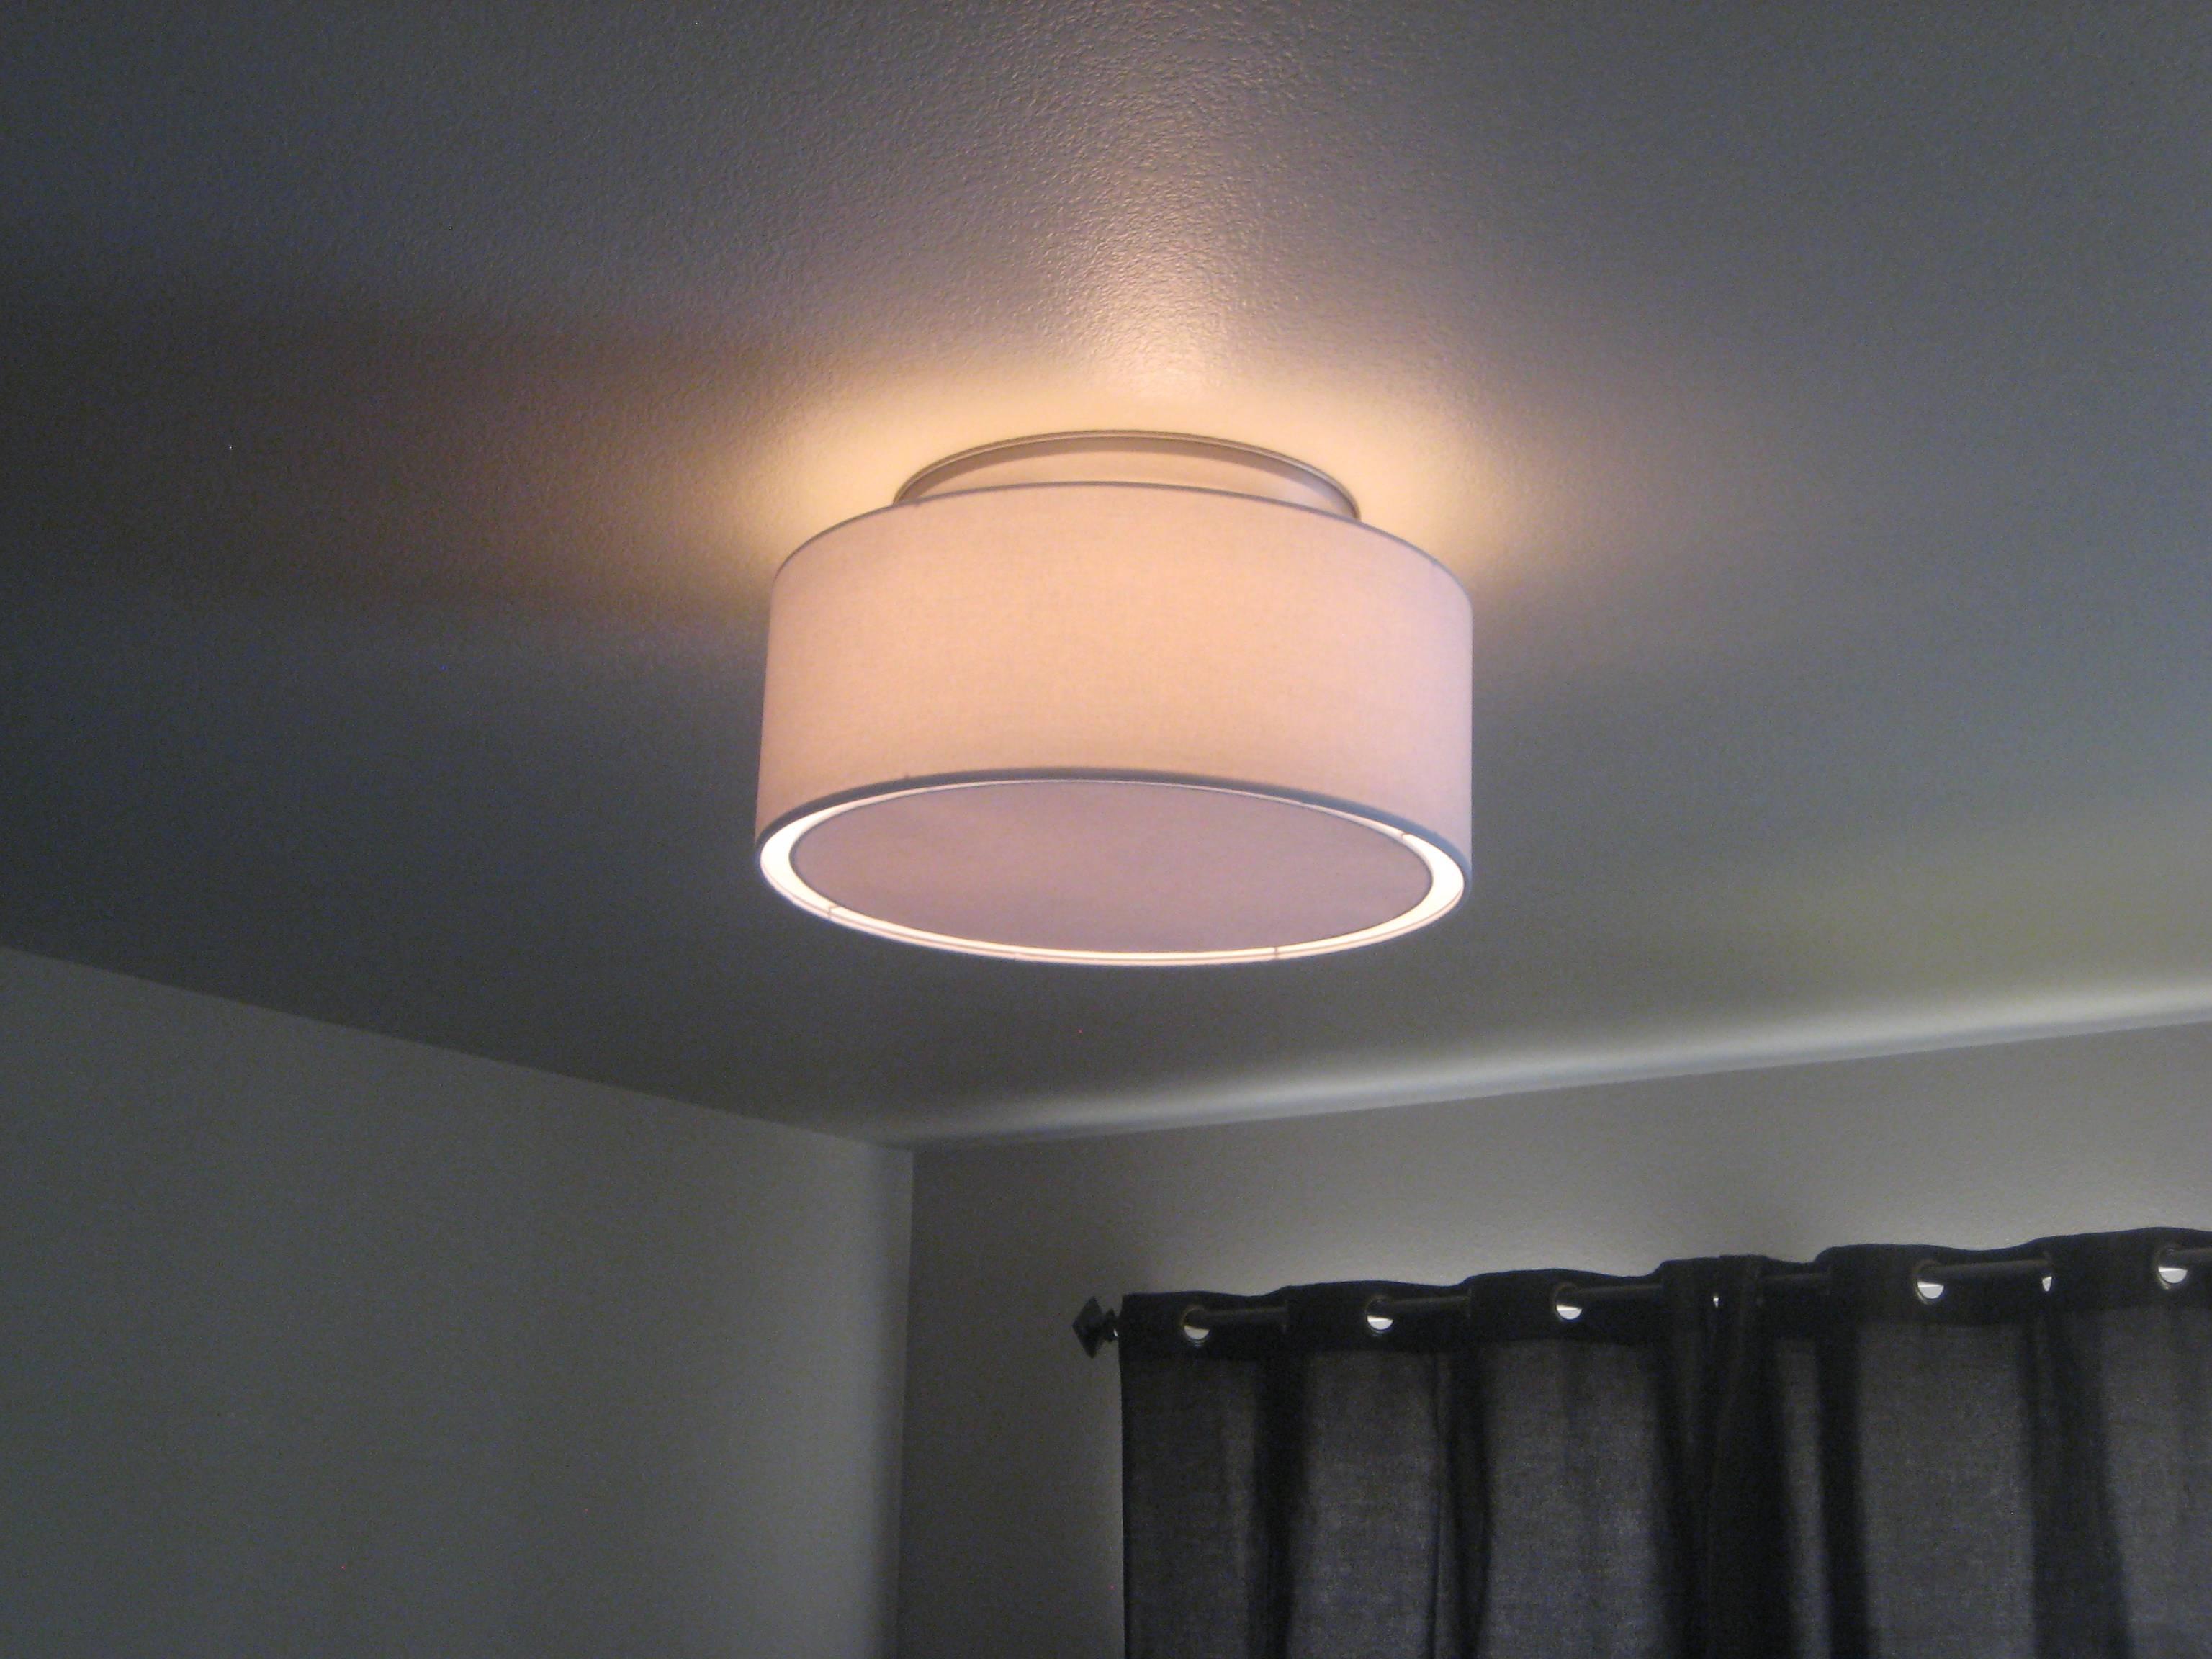 Eden Pendant Lamp | Twsst inside Cb2 Pendant Lights (Image 5 of 15)